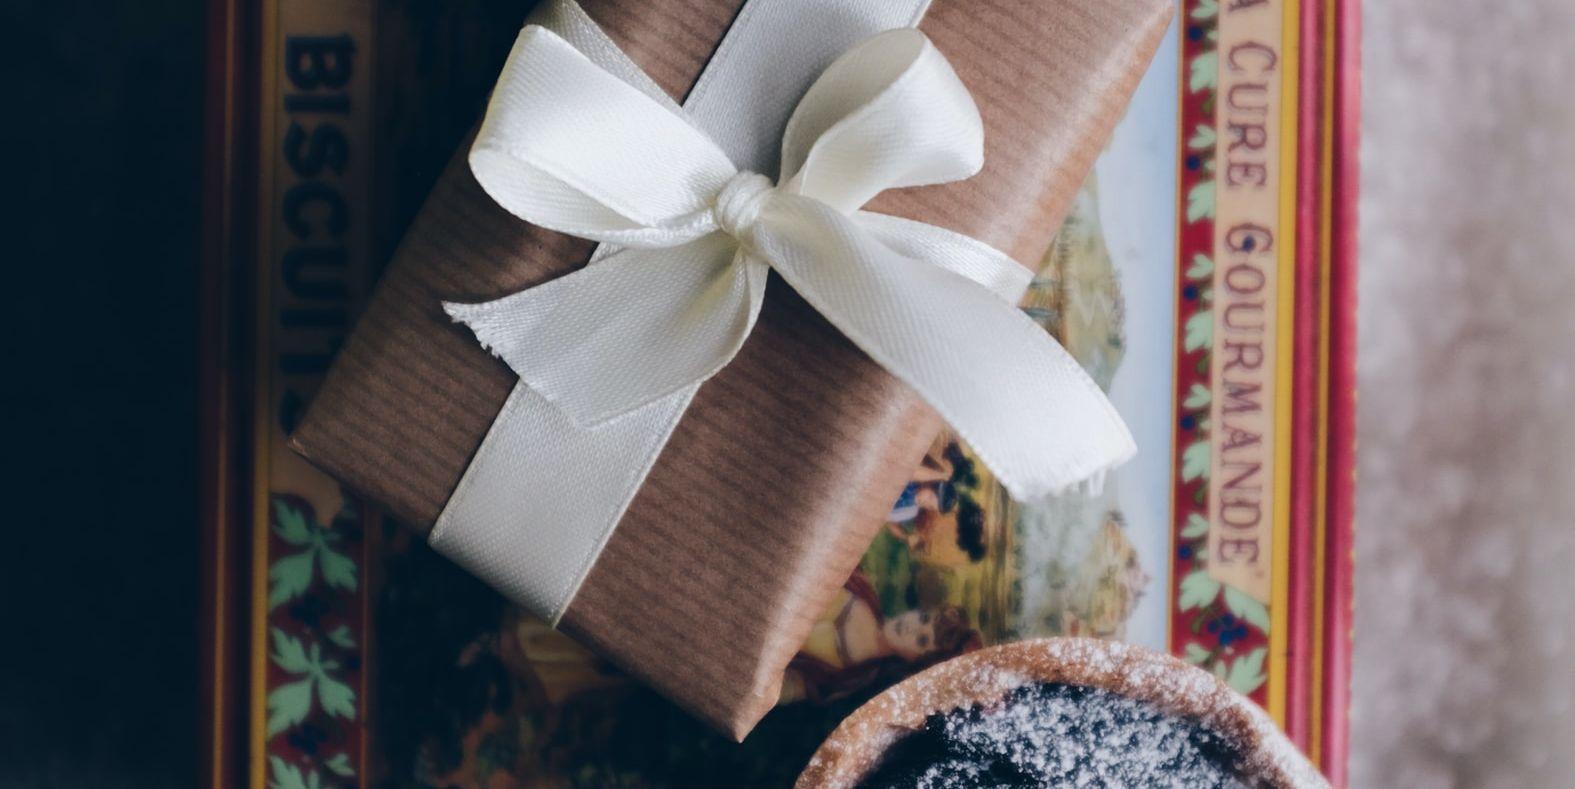 Preferenza I regali a sorpresa di tendenza del Natale 2020 sono le confezioni TY73